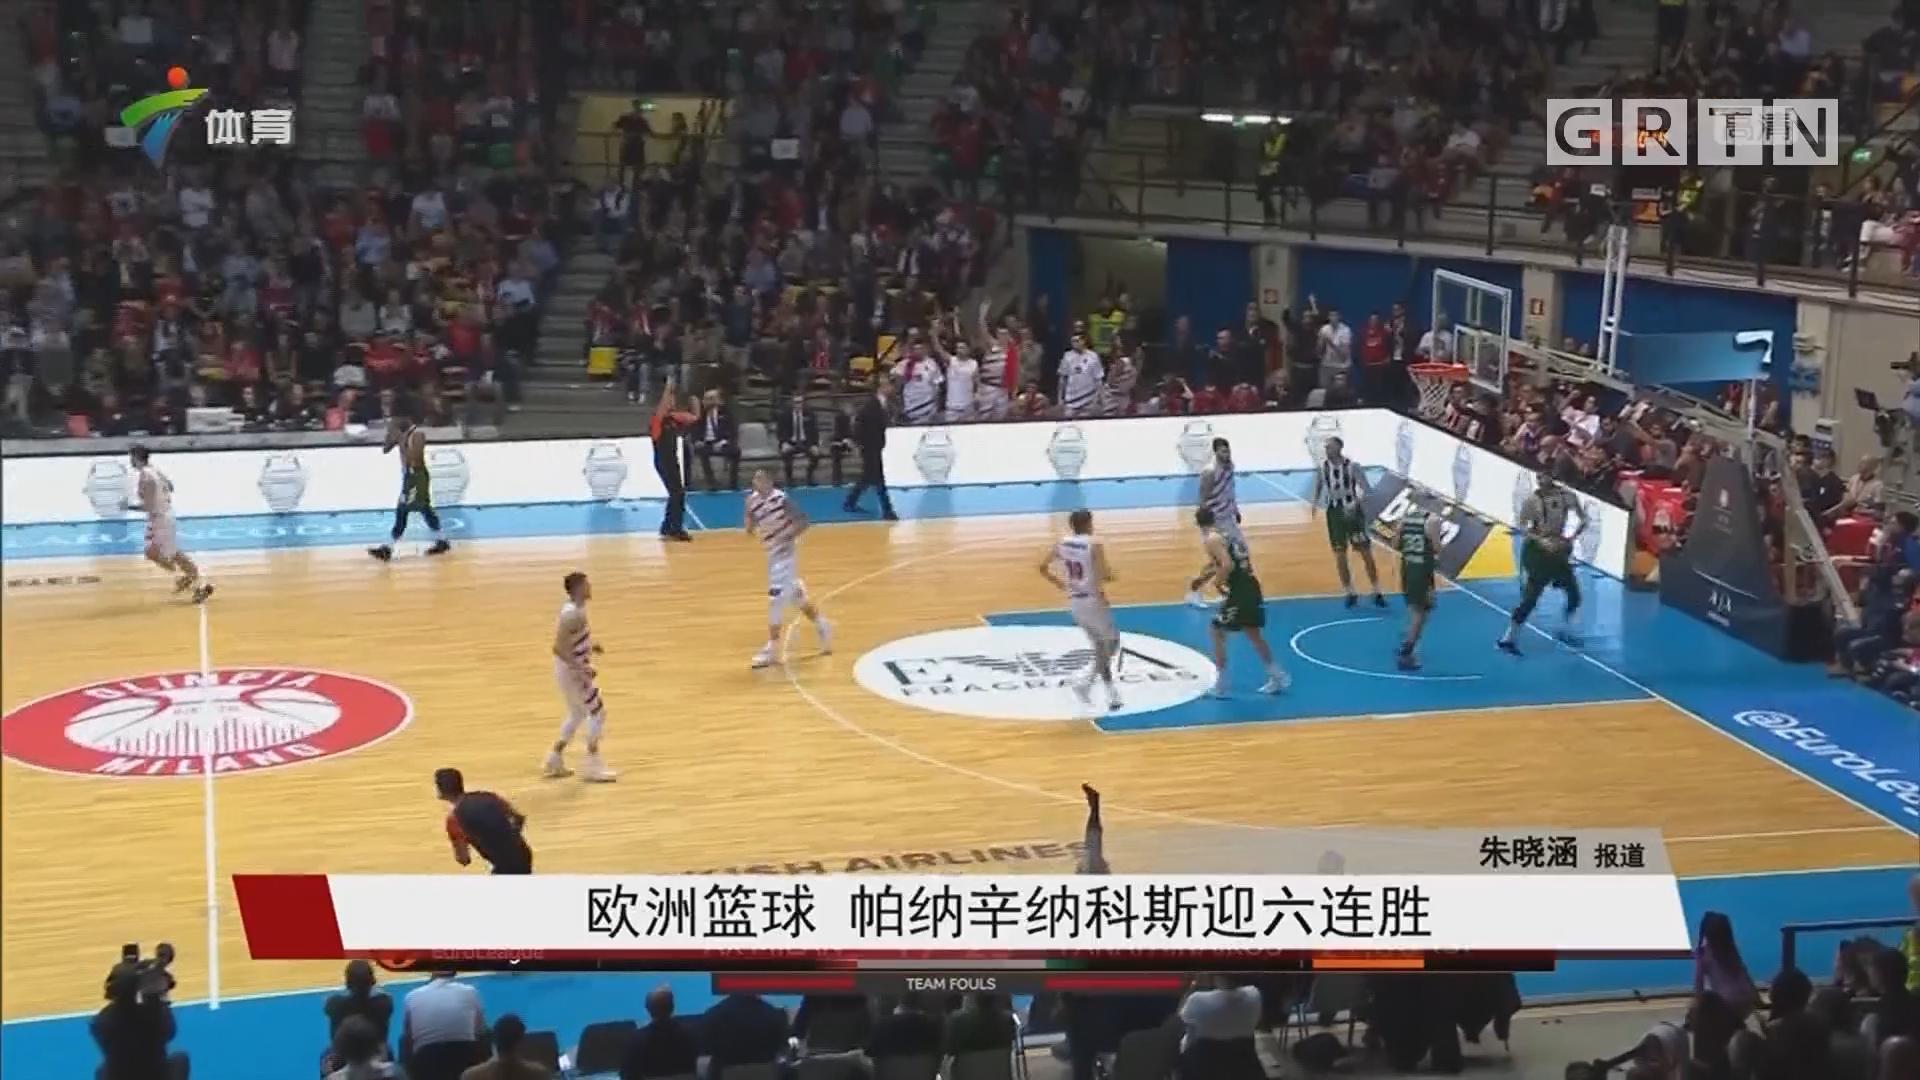 欧洲篮球 帕纳辛纳科斯迎六连胜